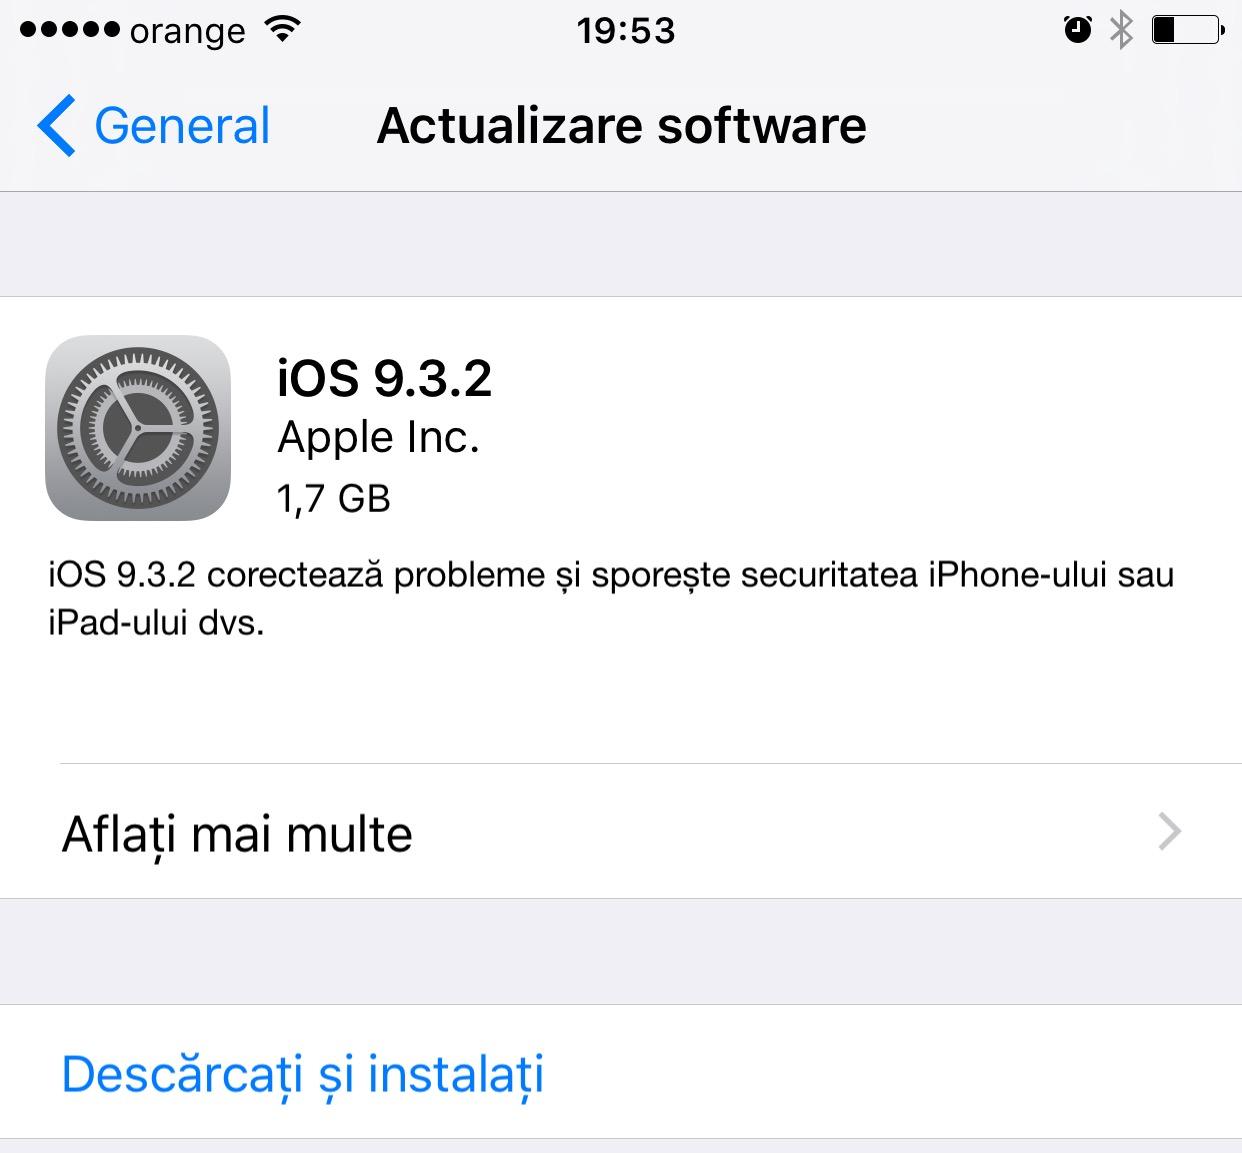 iOS 9-3-2 confirmare